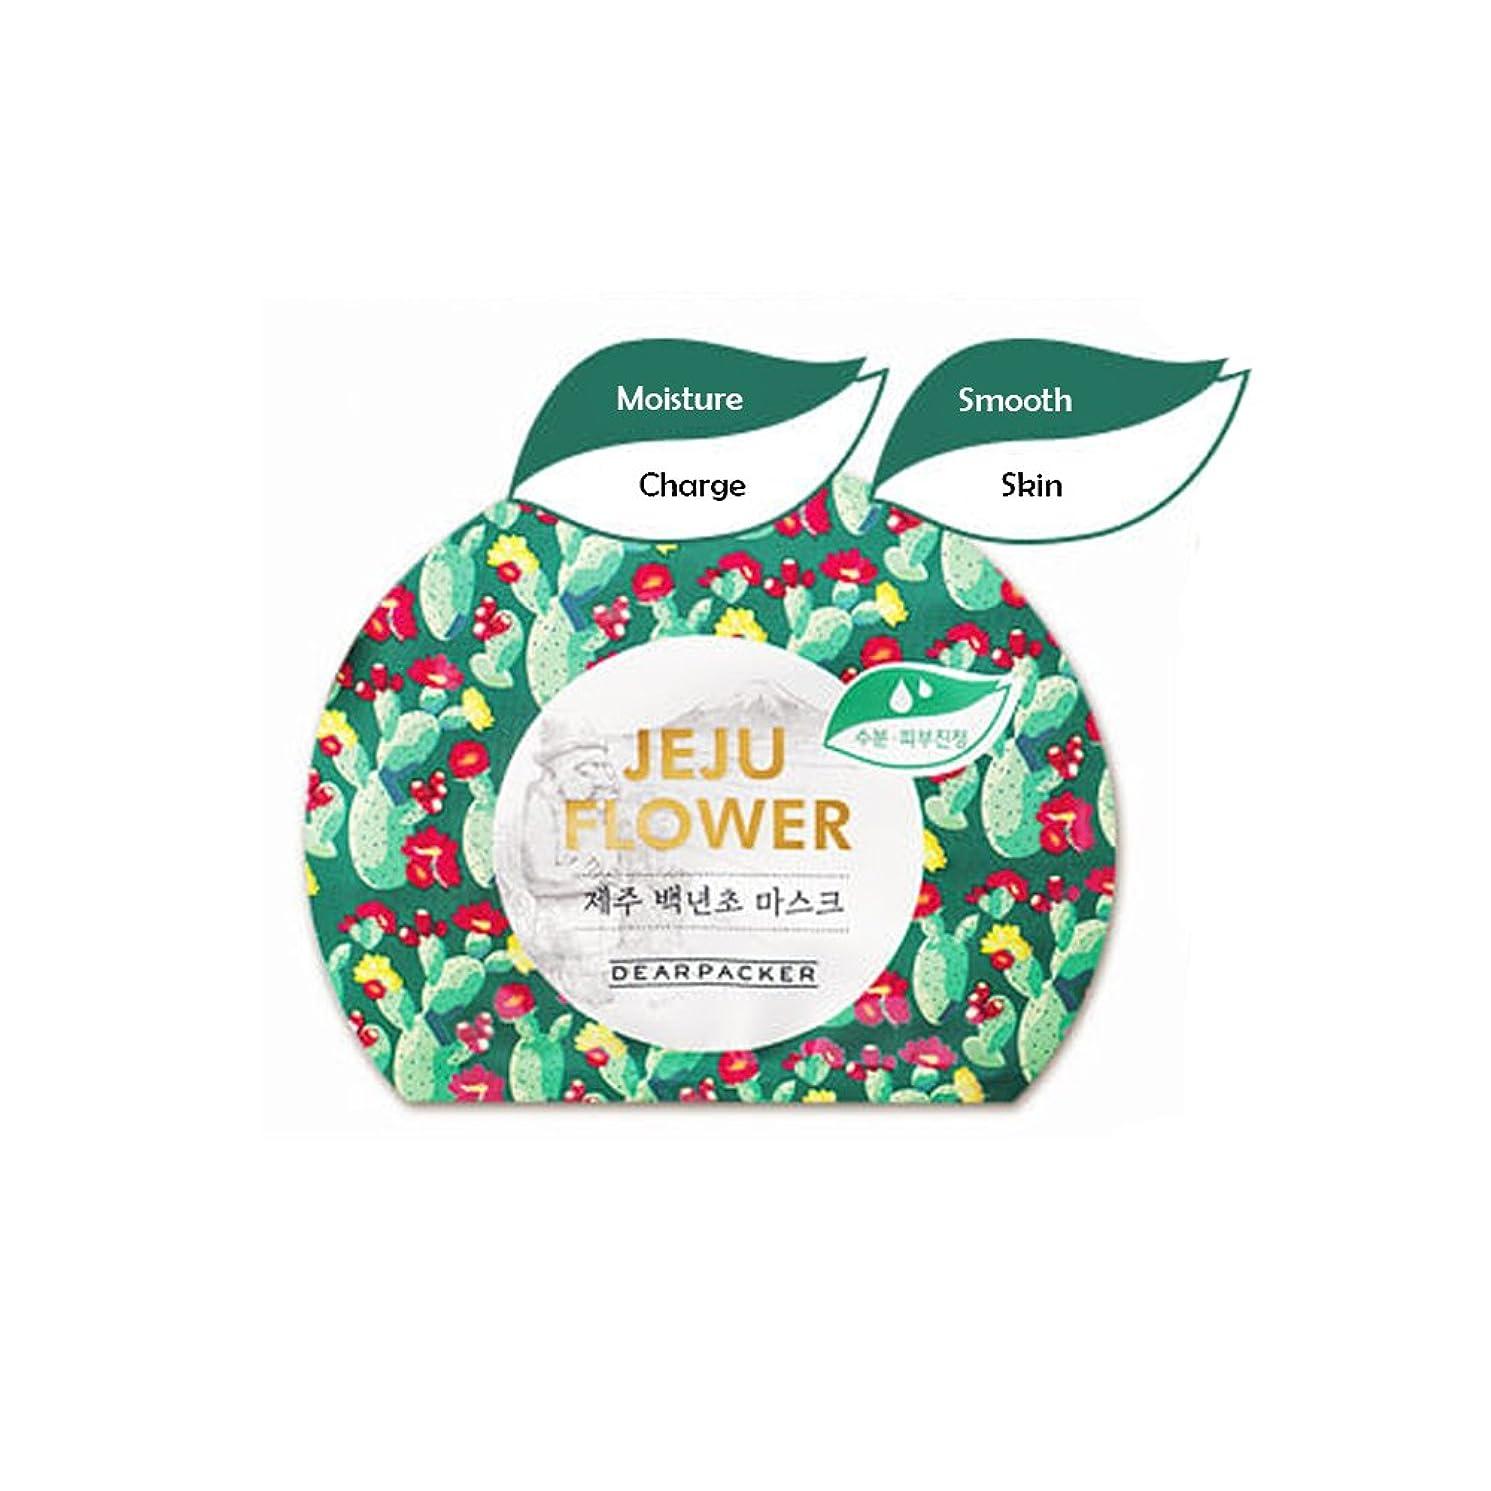 深く収まるアーク済州花のマスクシート2018新 Jeju Flower Mask Sheet 2018 New (Baek Nyeon Flower, 3 Sheets)